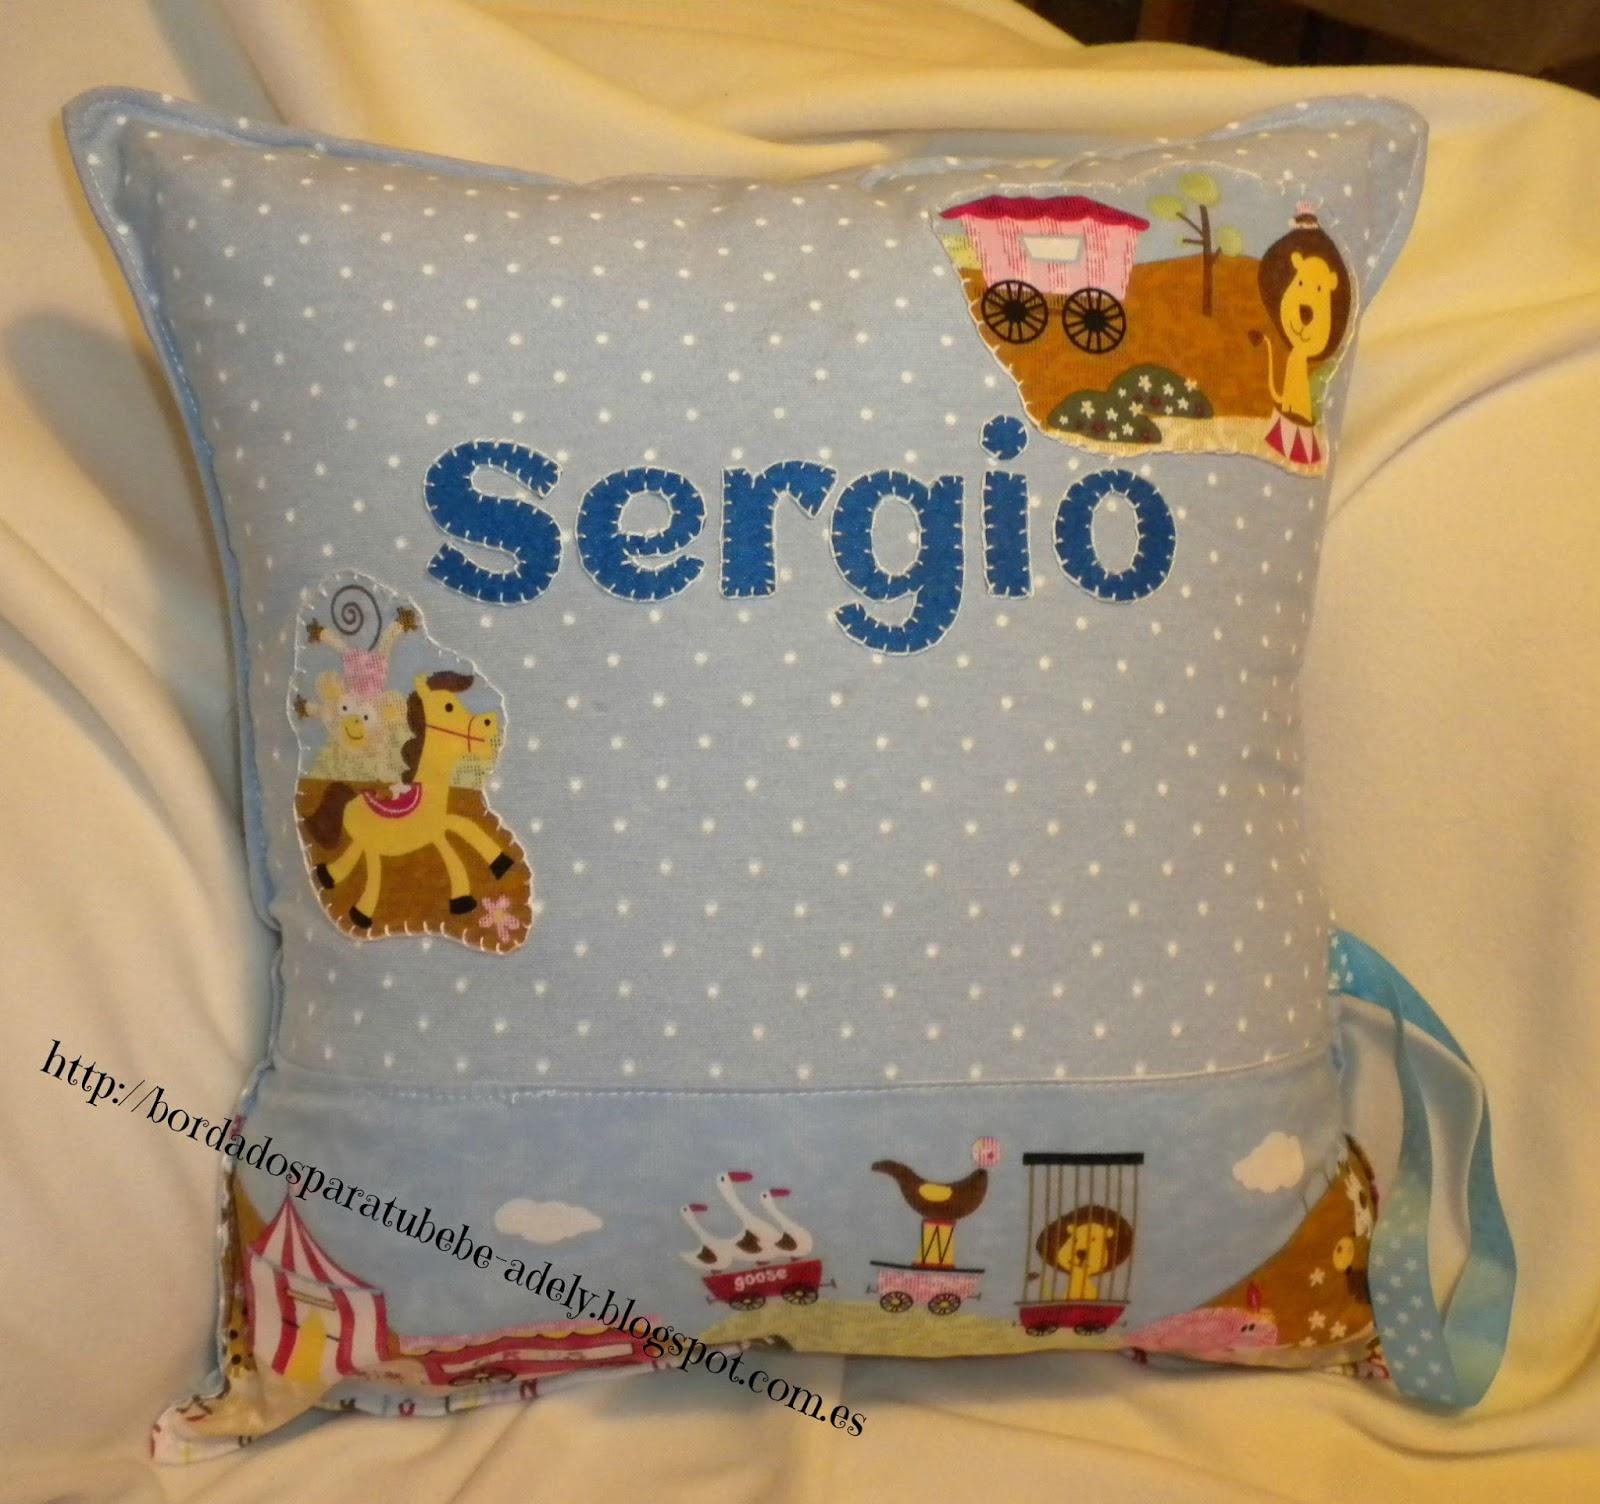 Regalos originales infantiles personalizados bordados for Bordados personalizados madrid